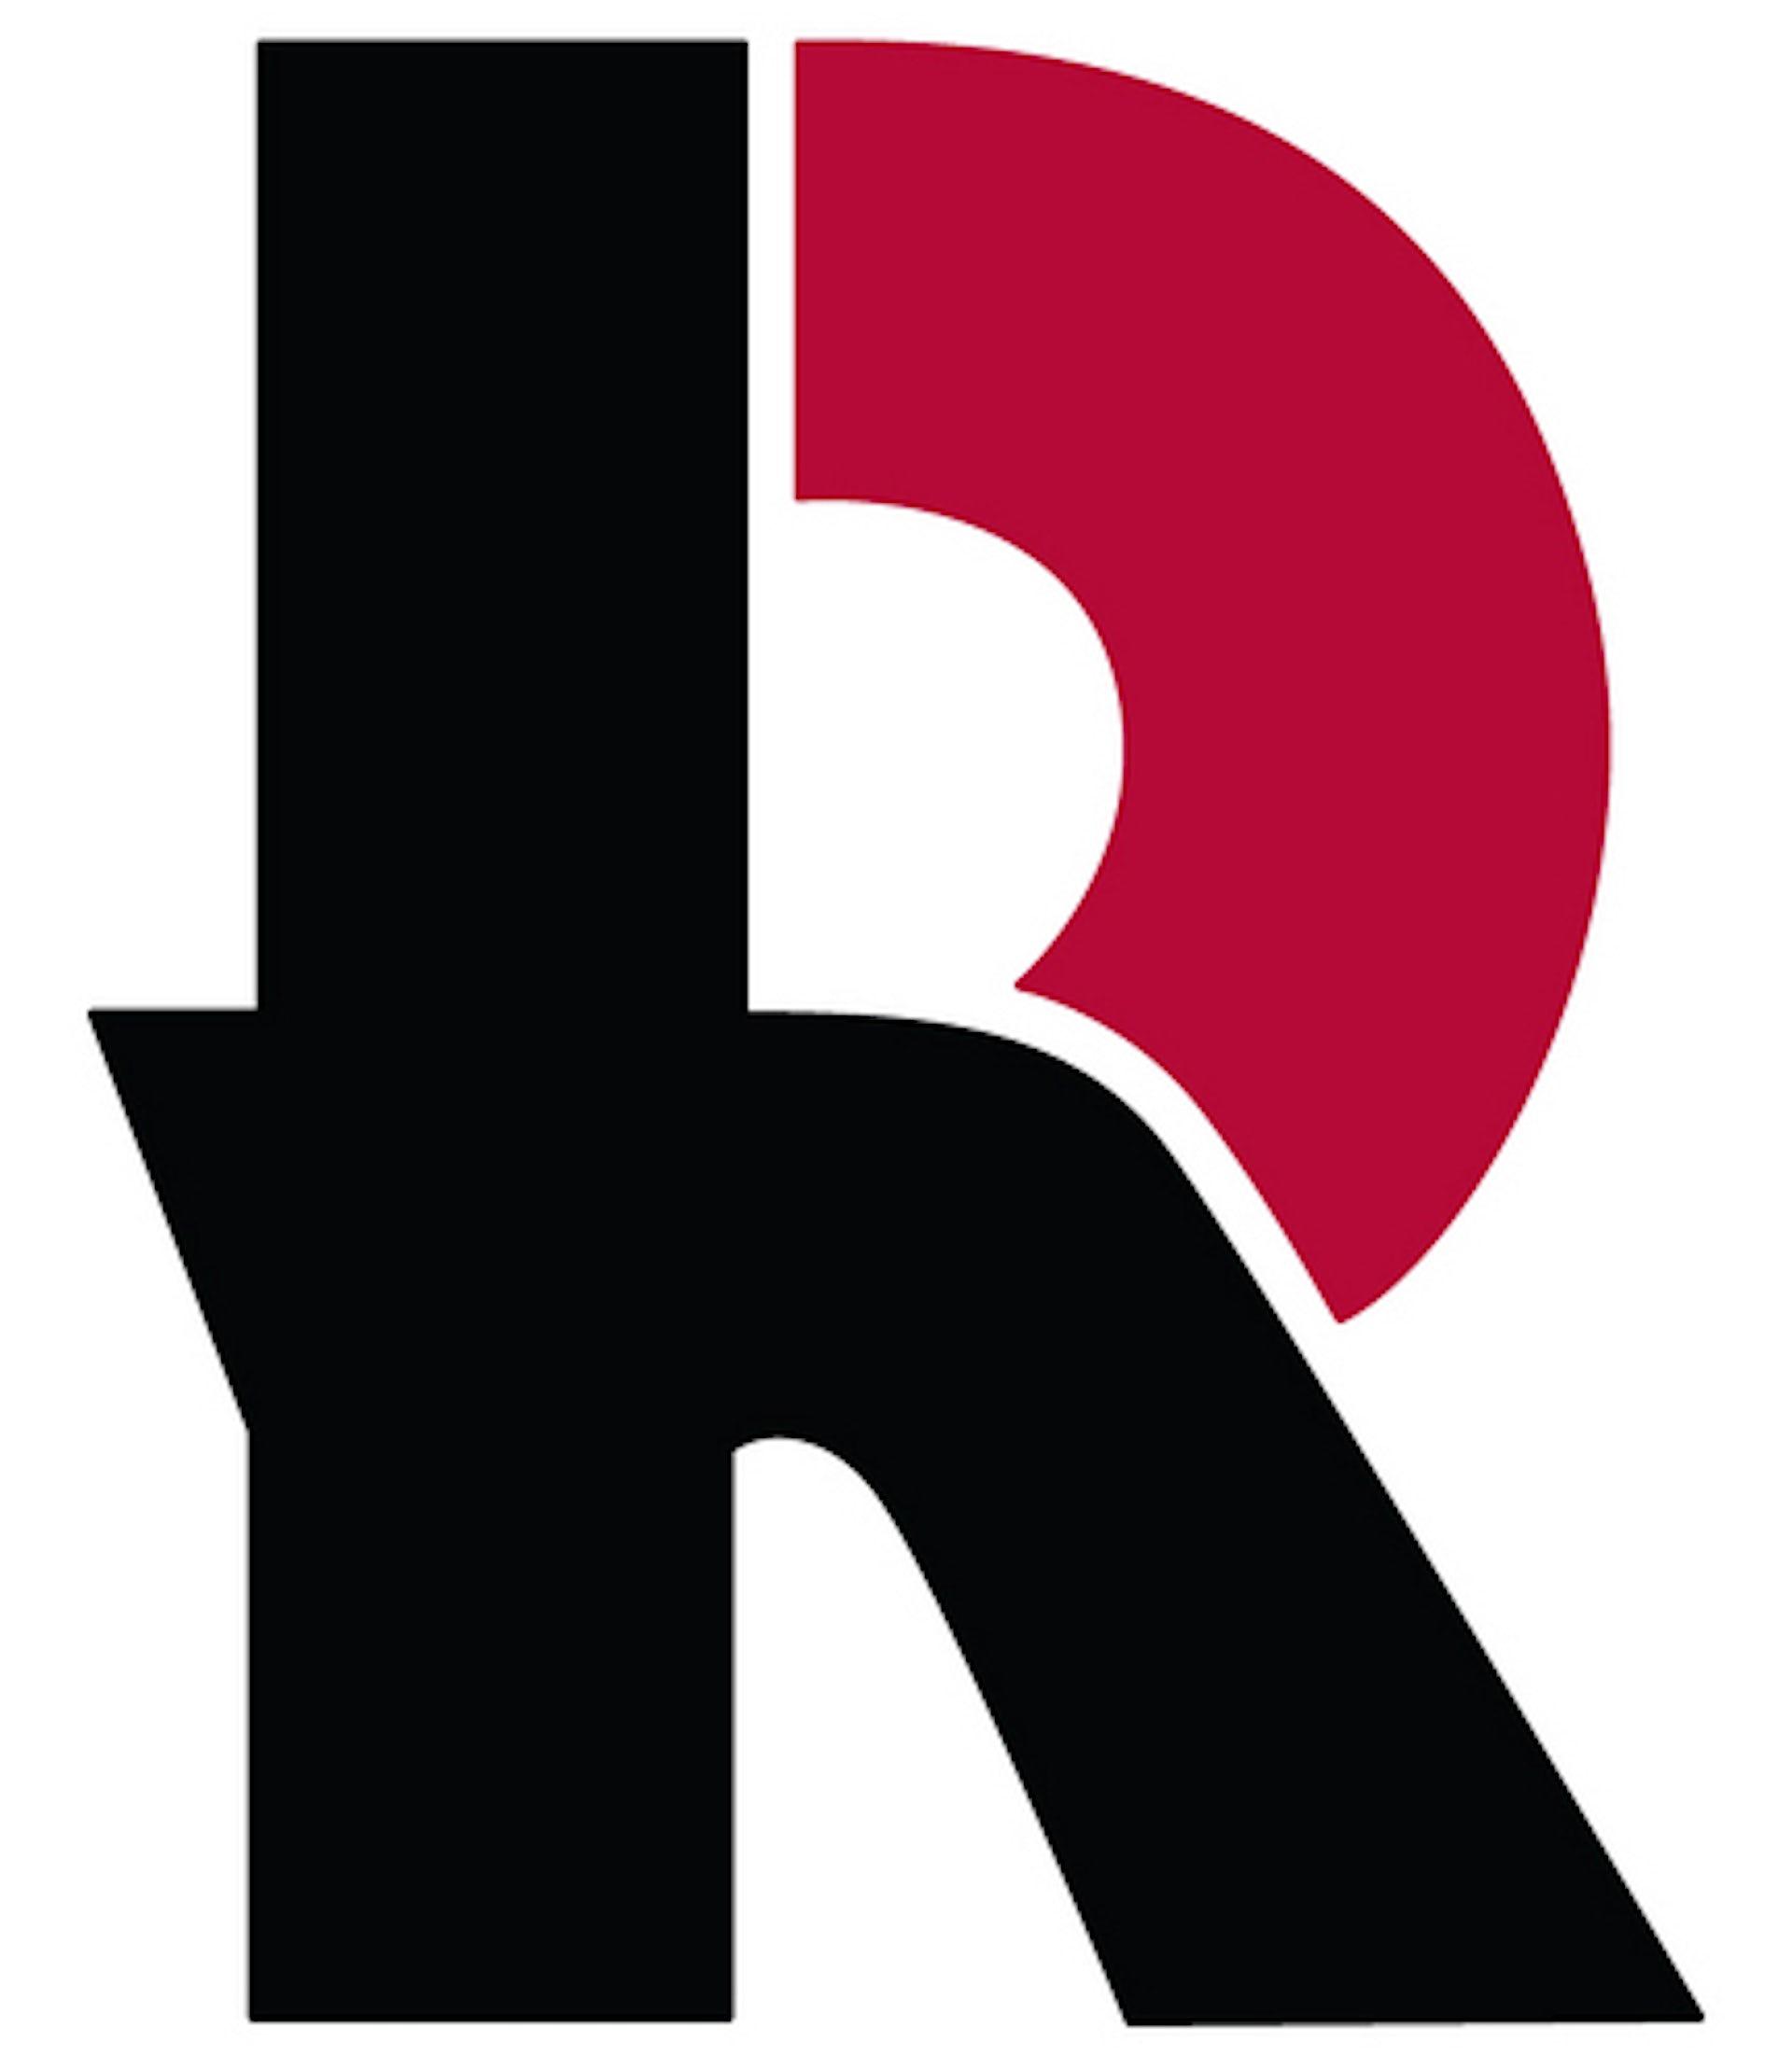 Logo 1417534249.jpg?ixlib=rb 1.1